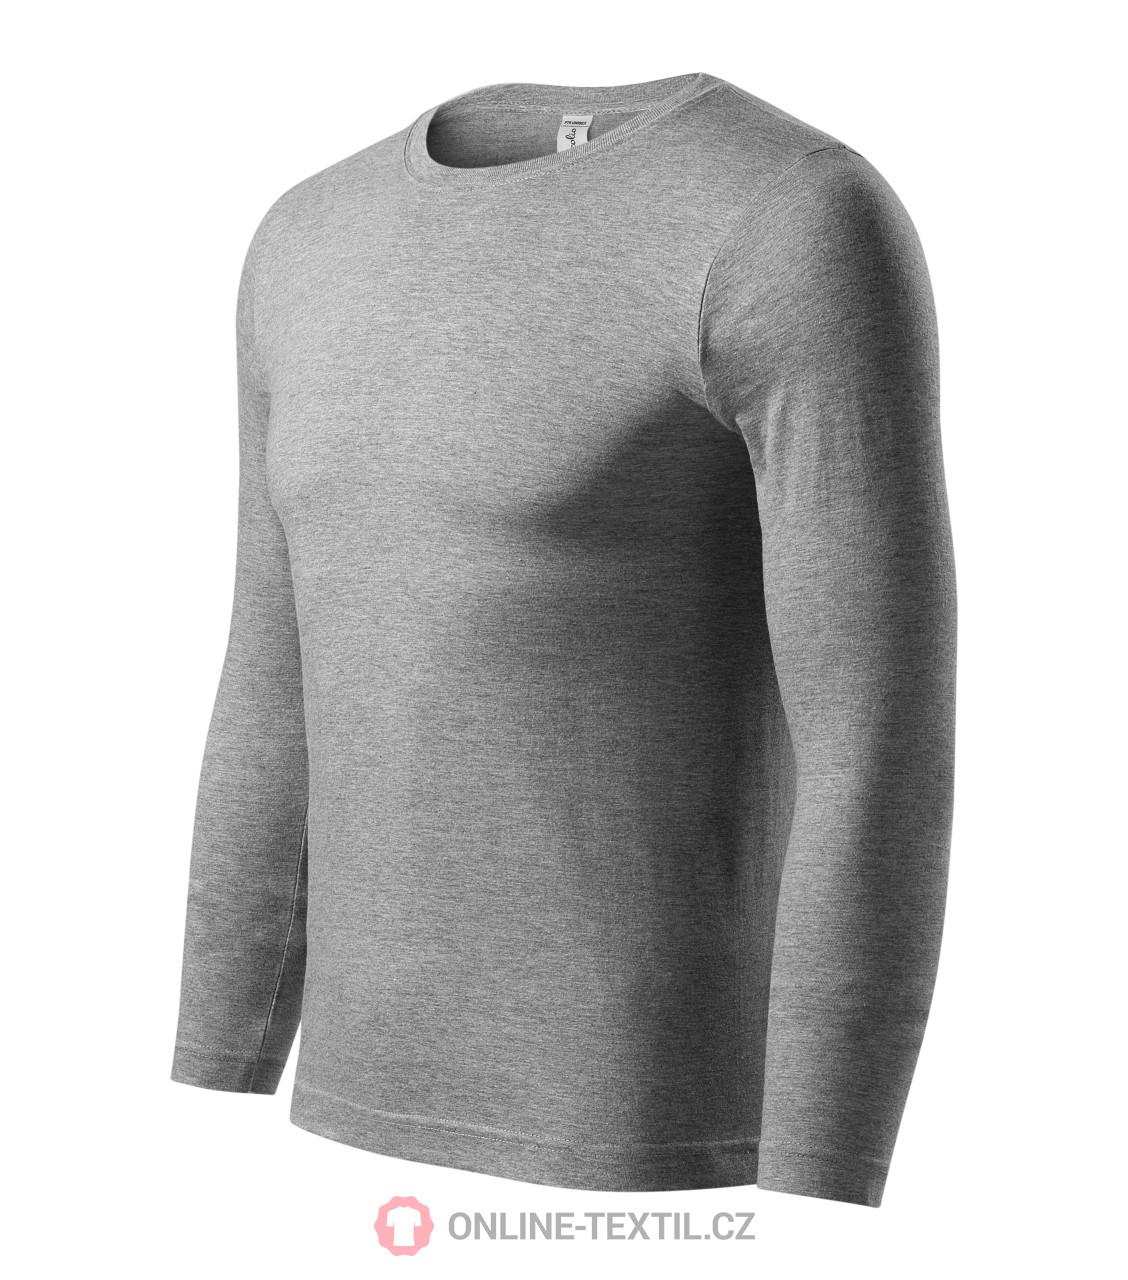 32a1c9838 ADLER CZECH Progress LS tričko unisex PX5 - tmavosivý melír z ...